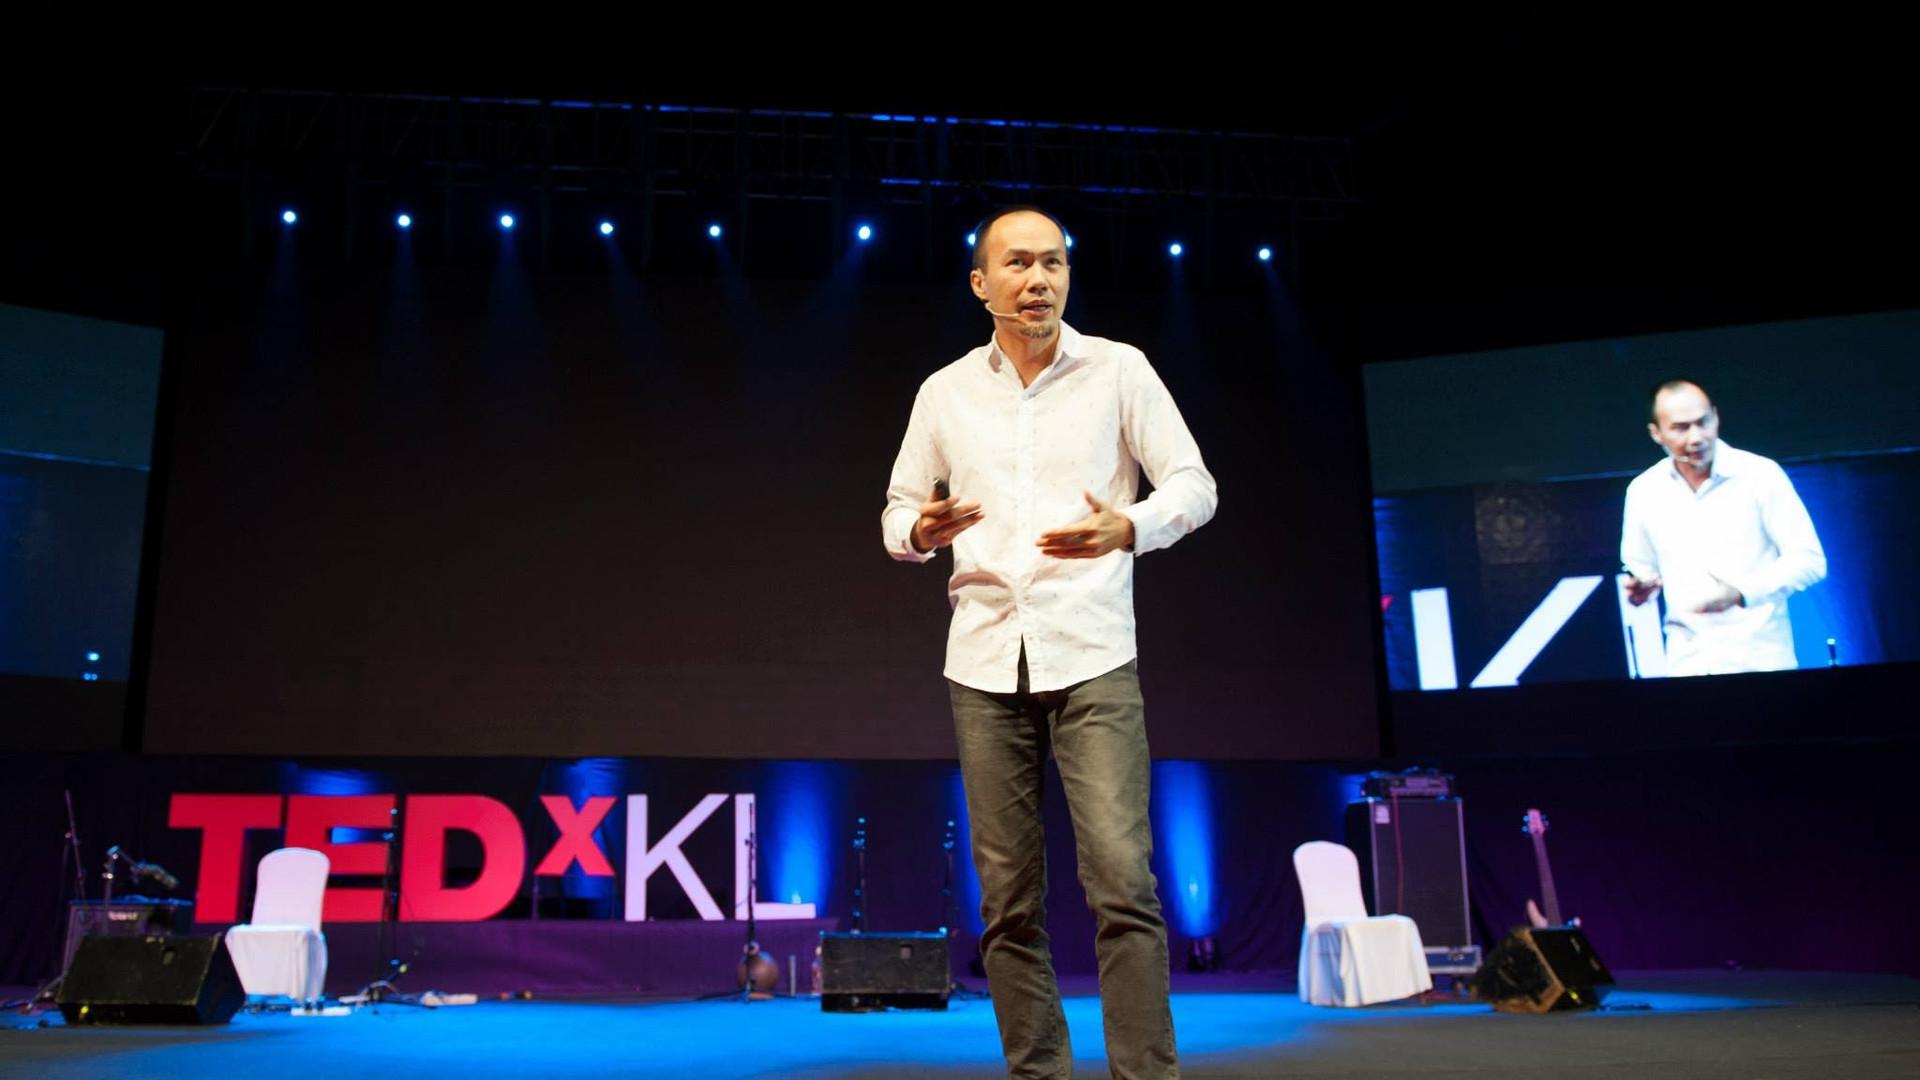 TEDxKL 2015